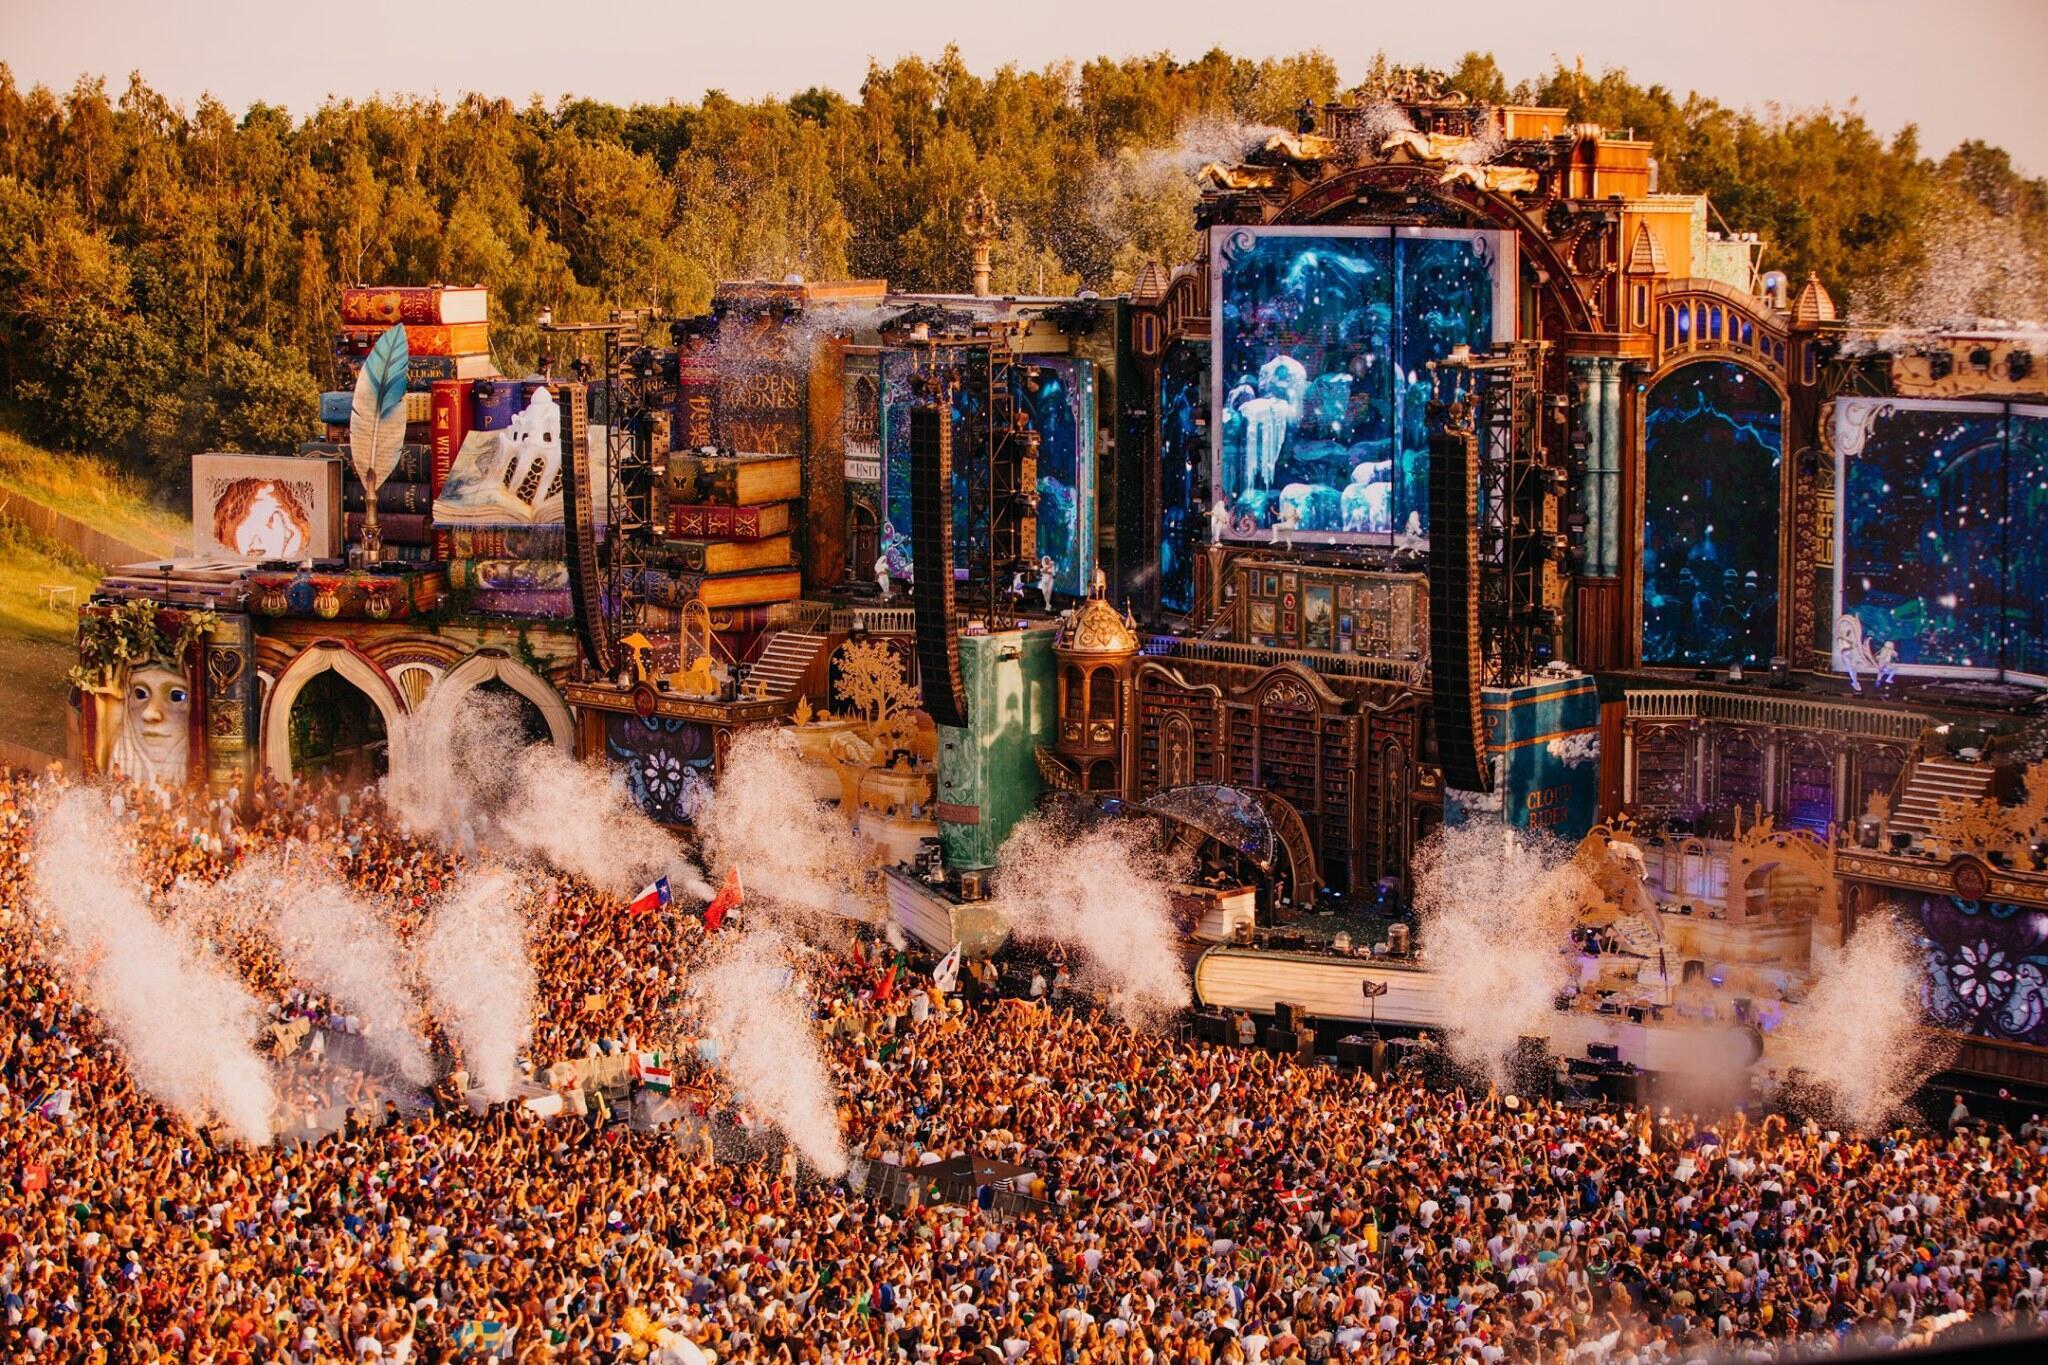 Festival de verão Tomorrowland deixa autoridades em alerta sobre consumo excessivo de drogas pesadas.